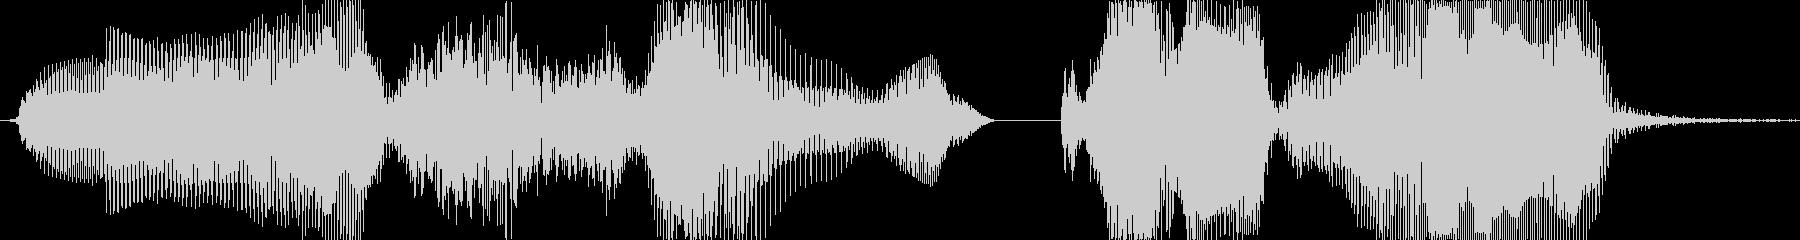 ミッションクリア!の未再生の波形